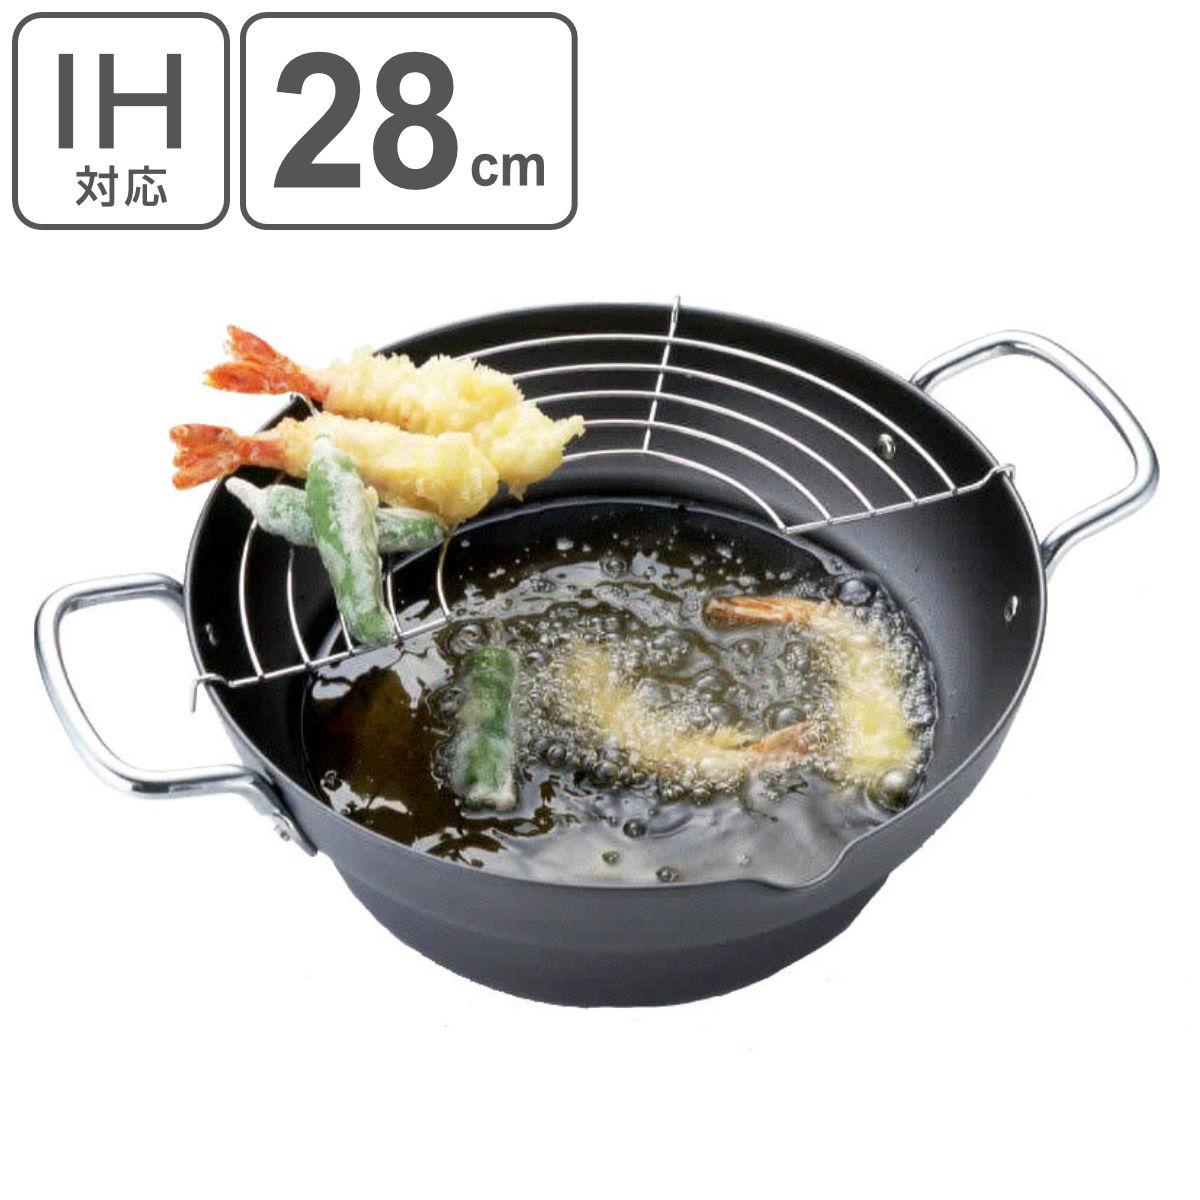 エコラーレ 両手段付天ぷら鍋 IH対応 28cm( 鉄製 てんぷら鍋 )